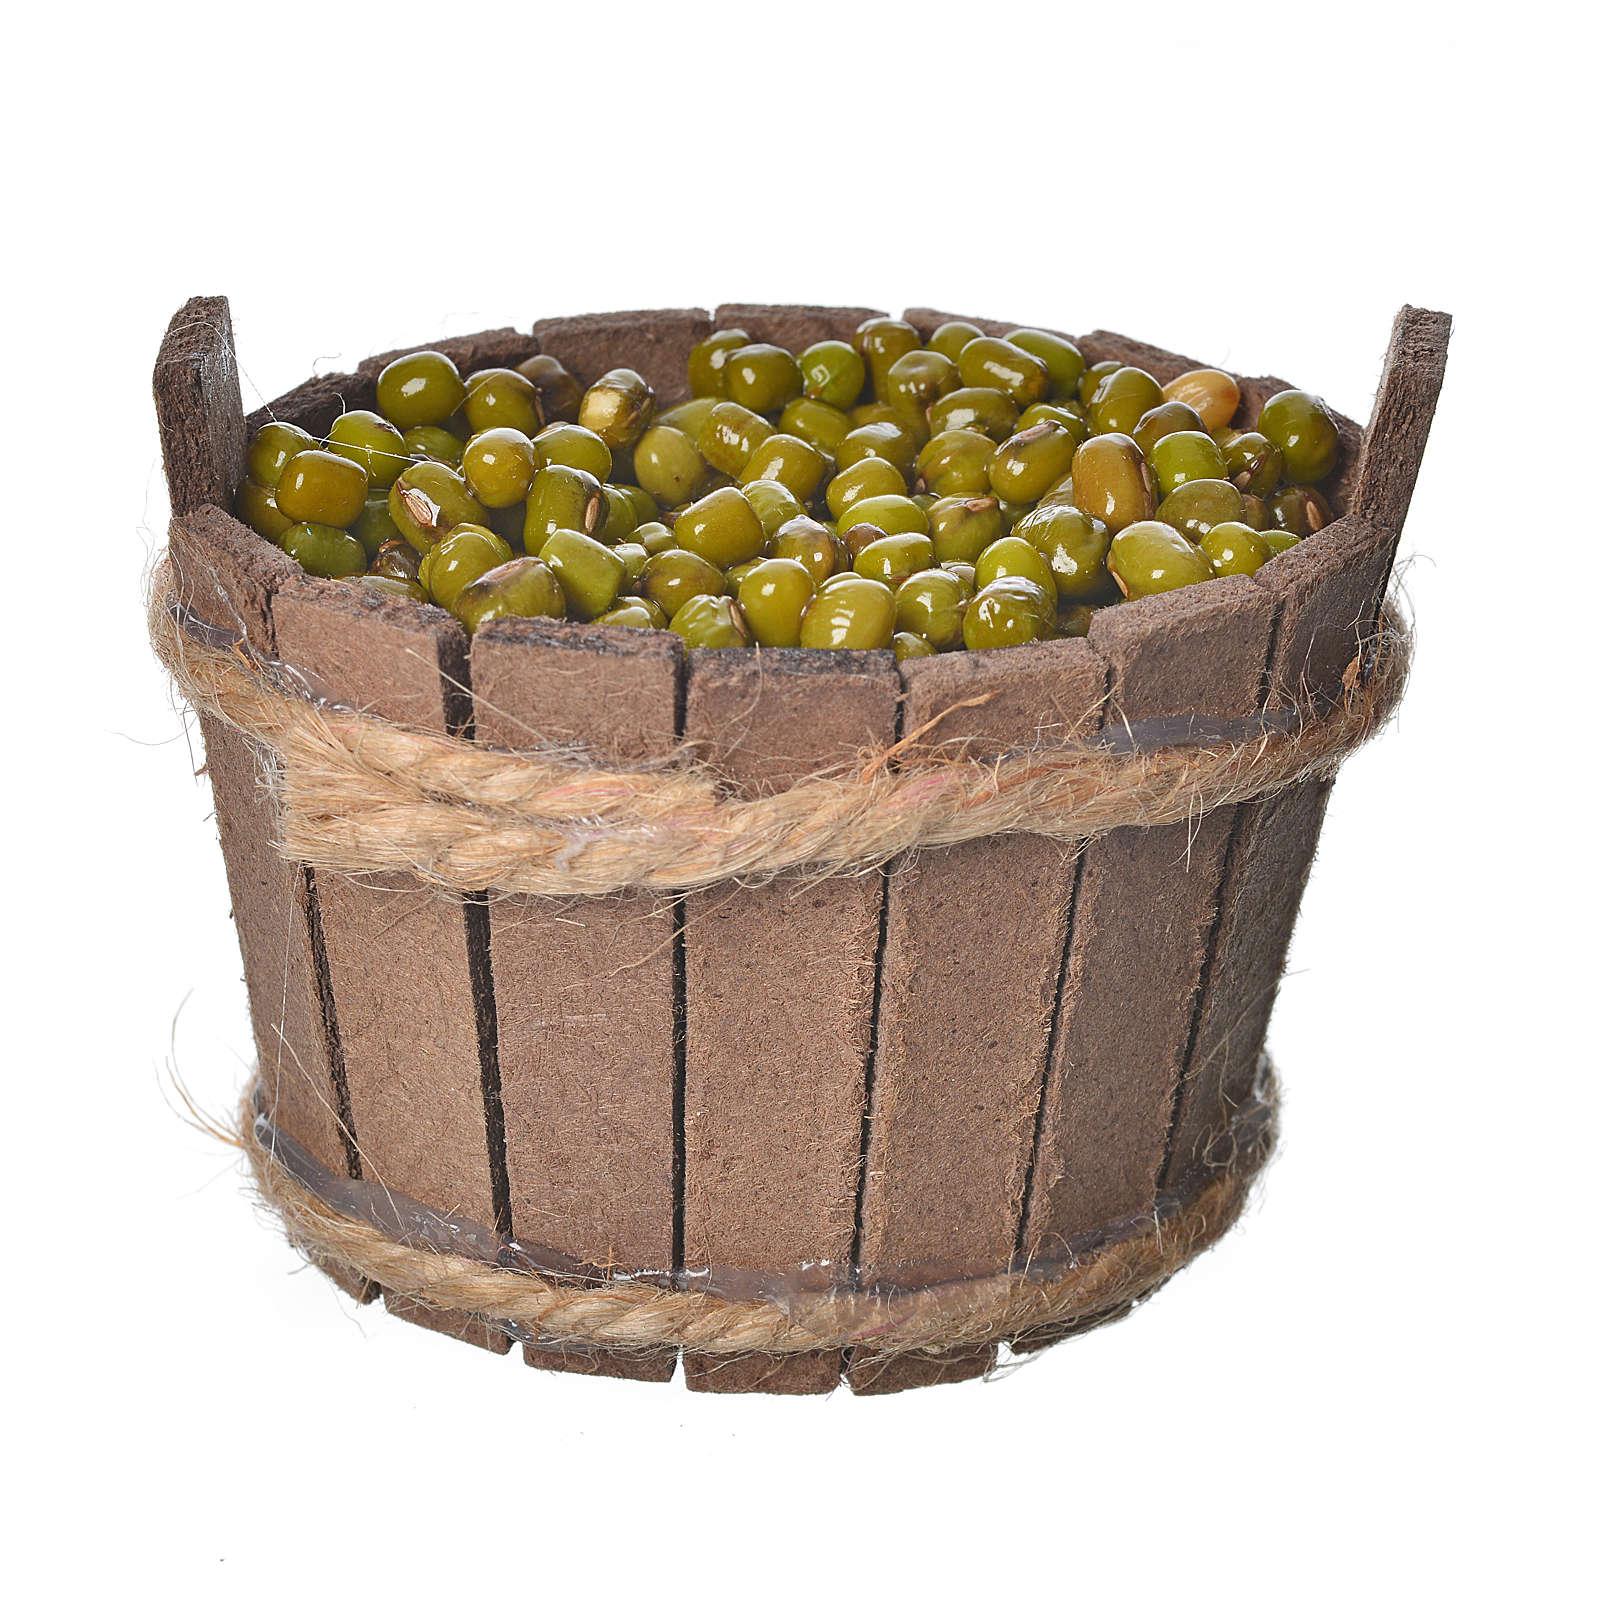 Tina de madeira com azeitonas 4